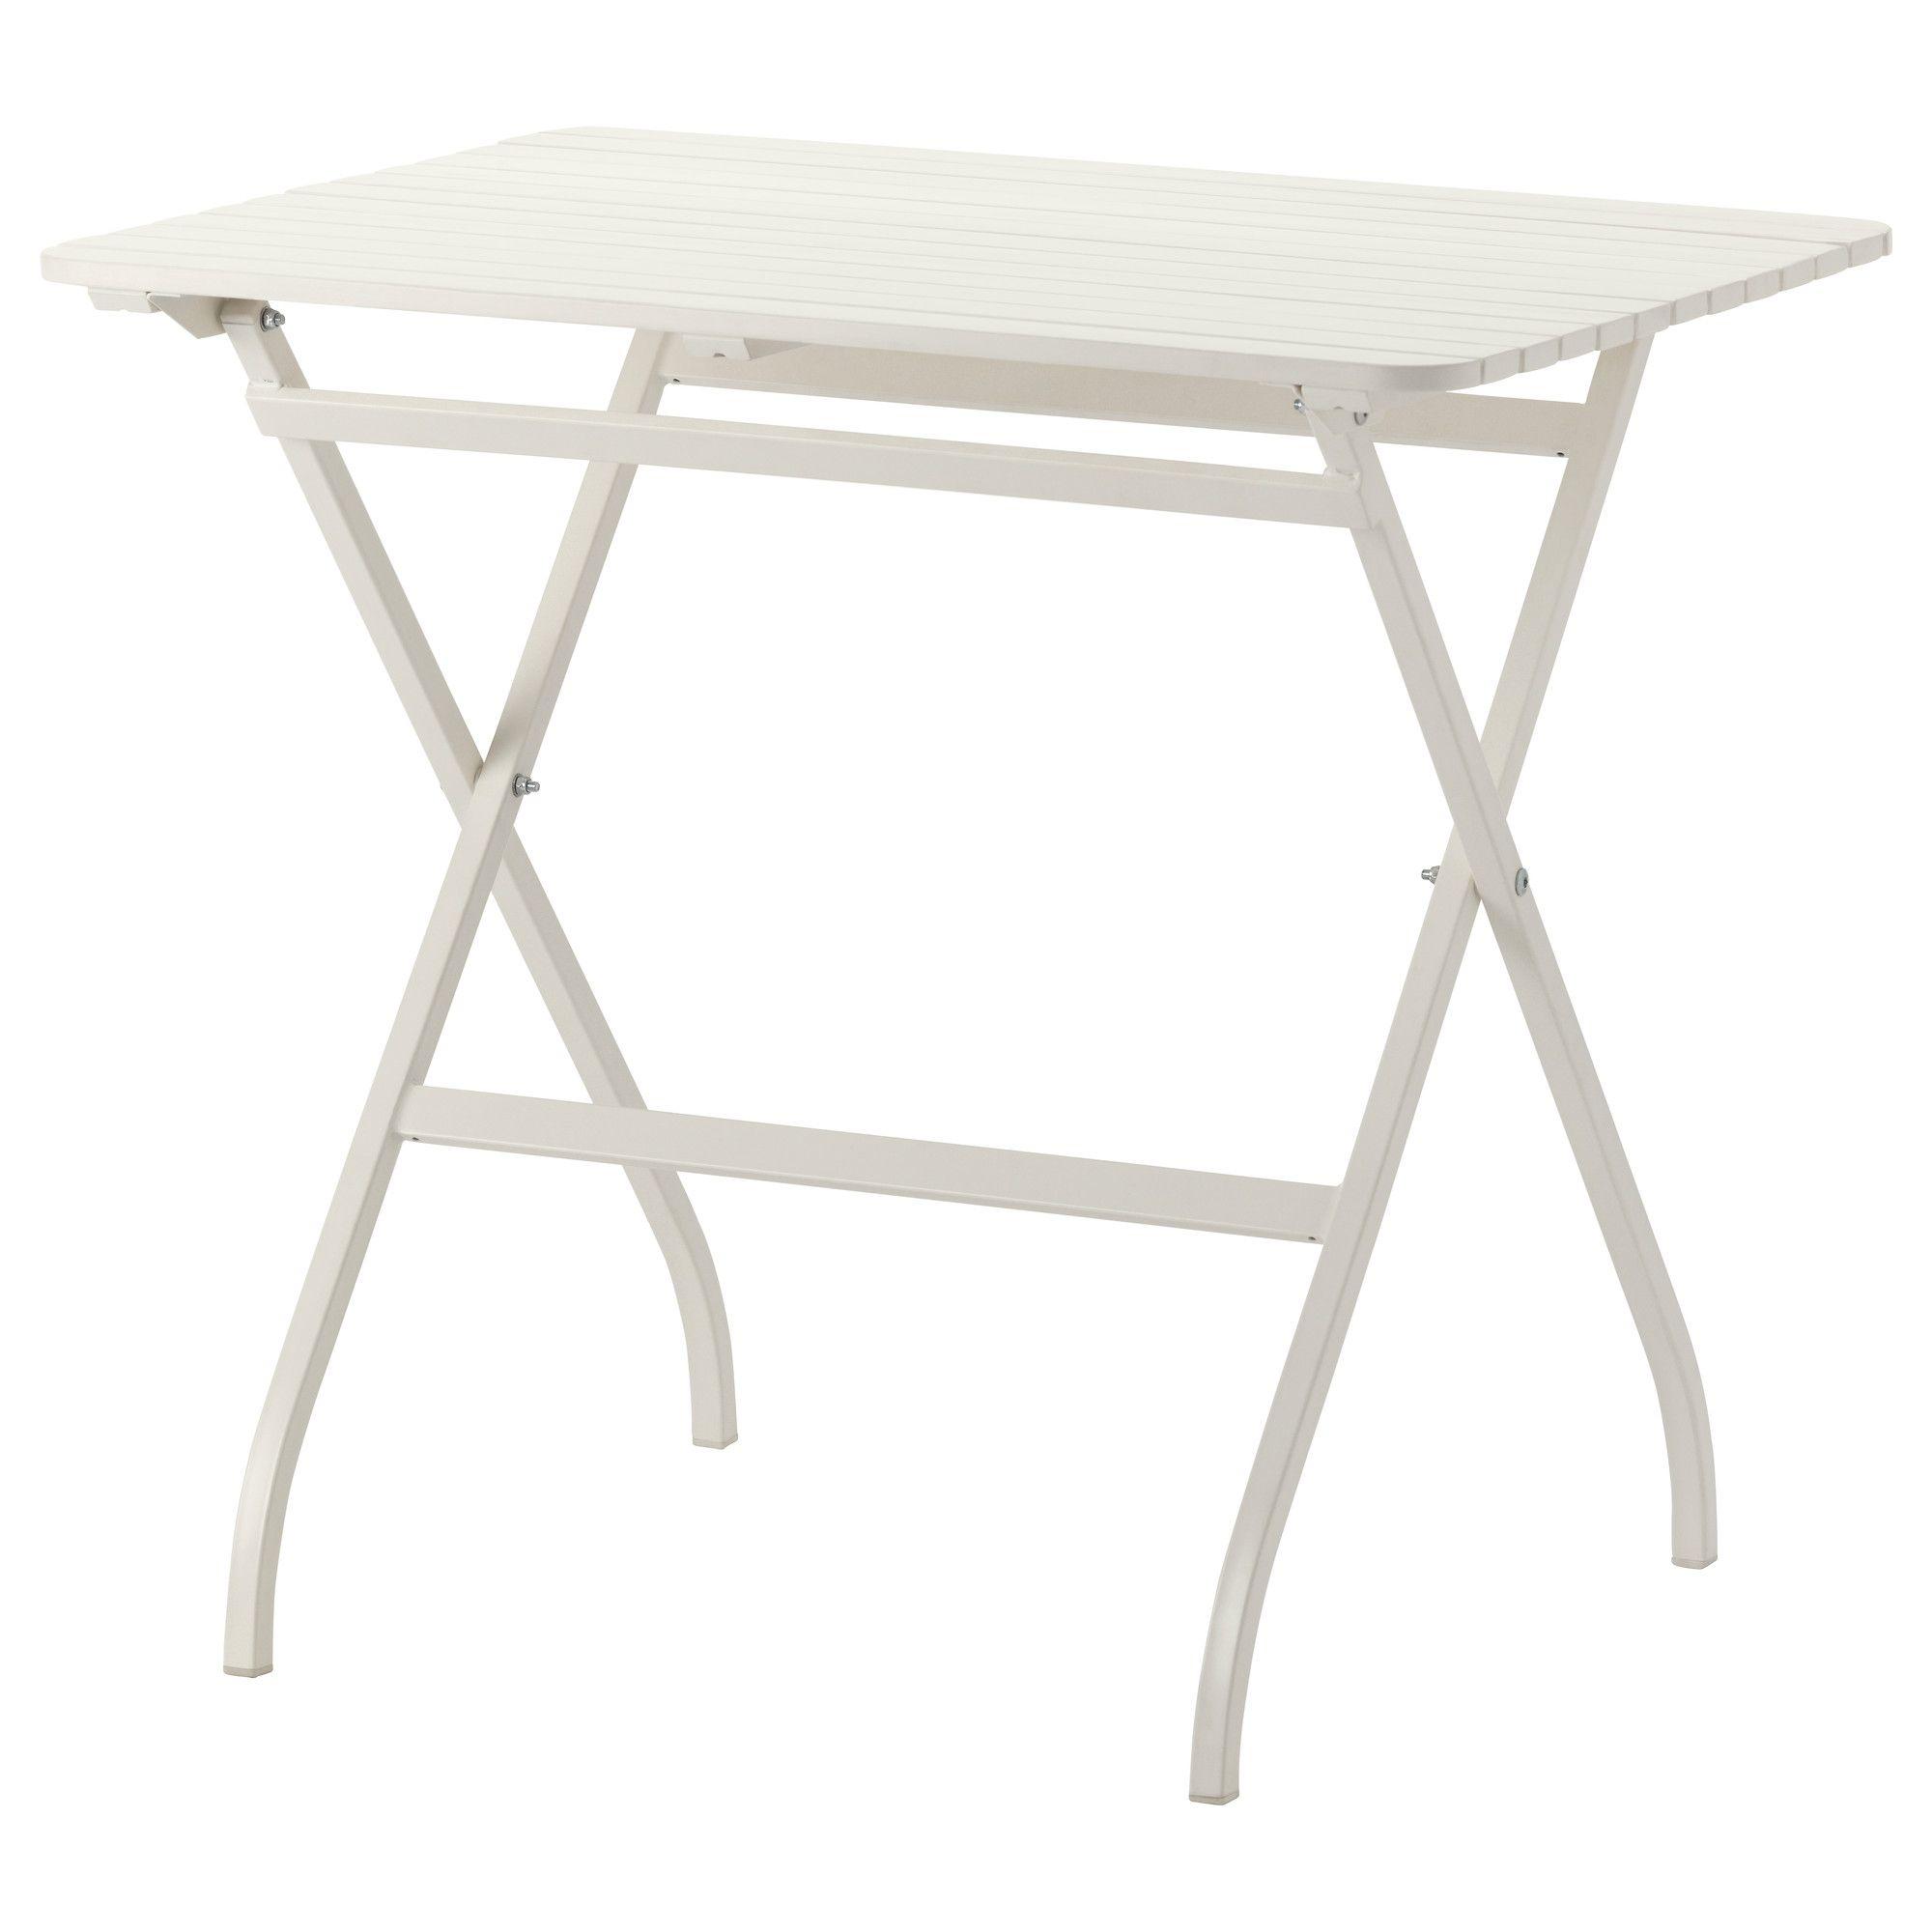 Fresh Home Furnishing Ideas And Affordable Furniture Ikea Table Ikea Ikea Drop Leaf Table